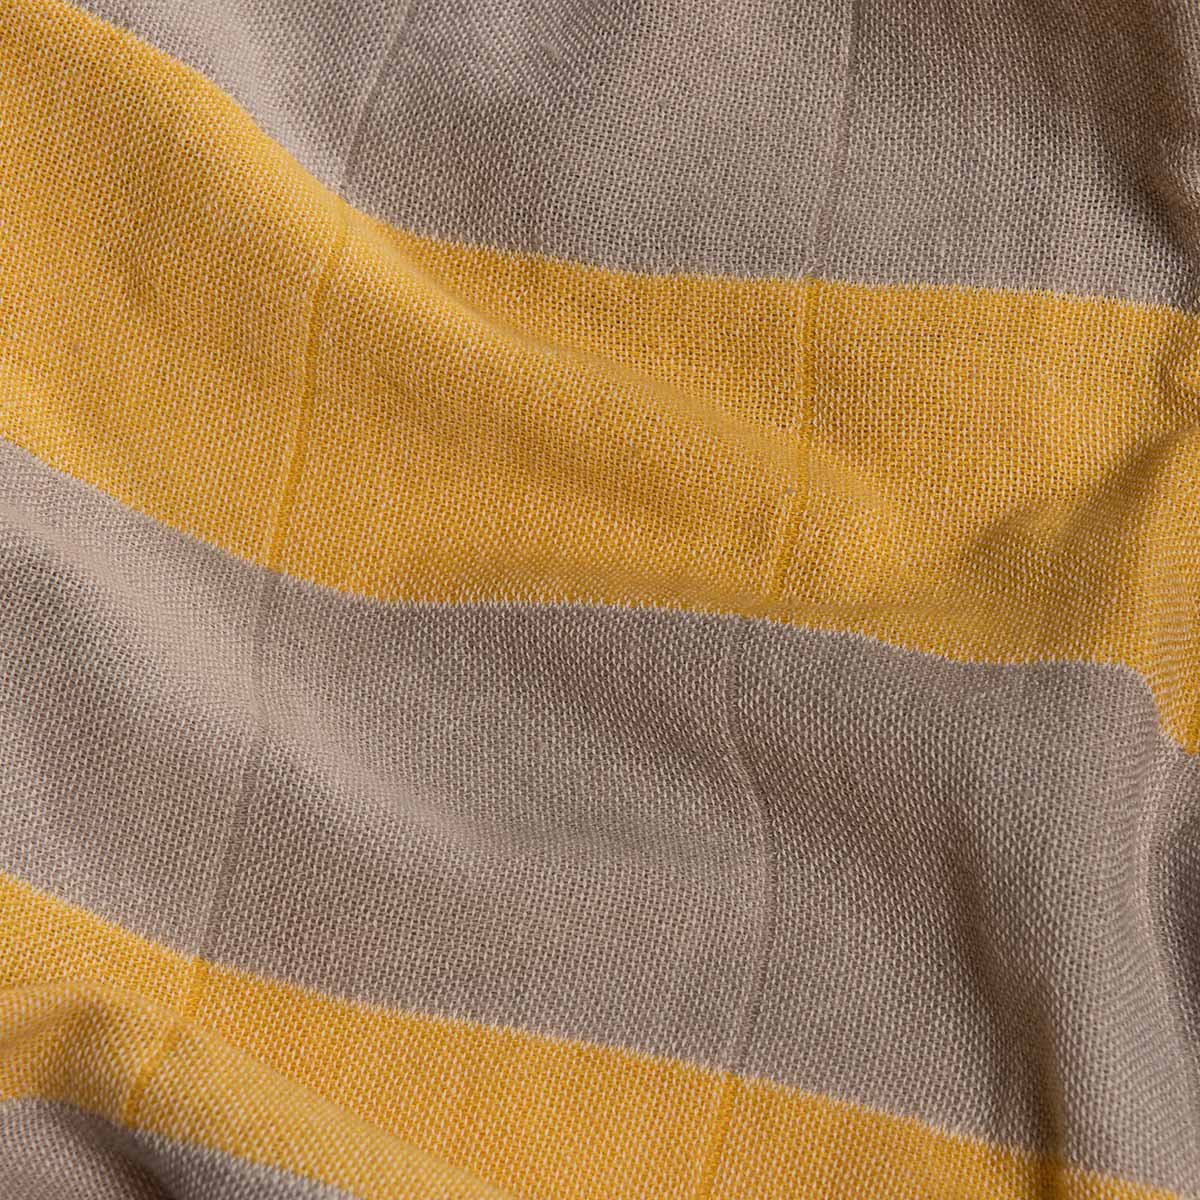 Peştemal Duble - Kum Bej / Sarı